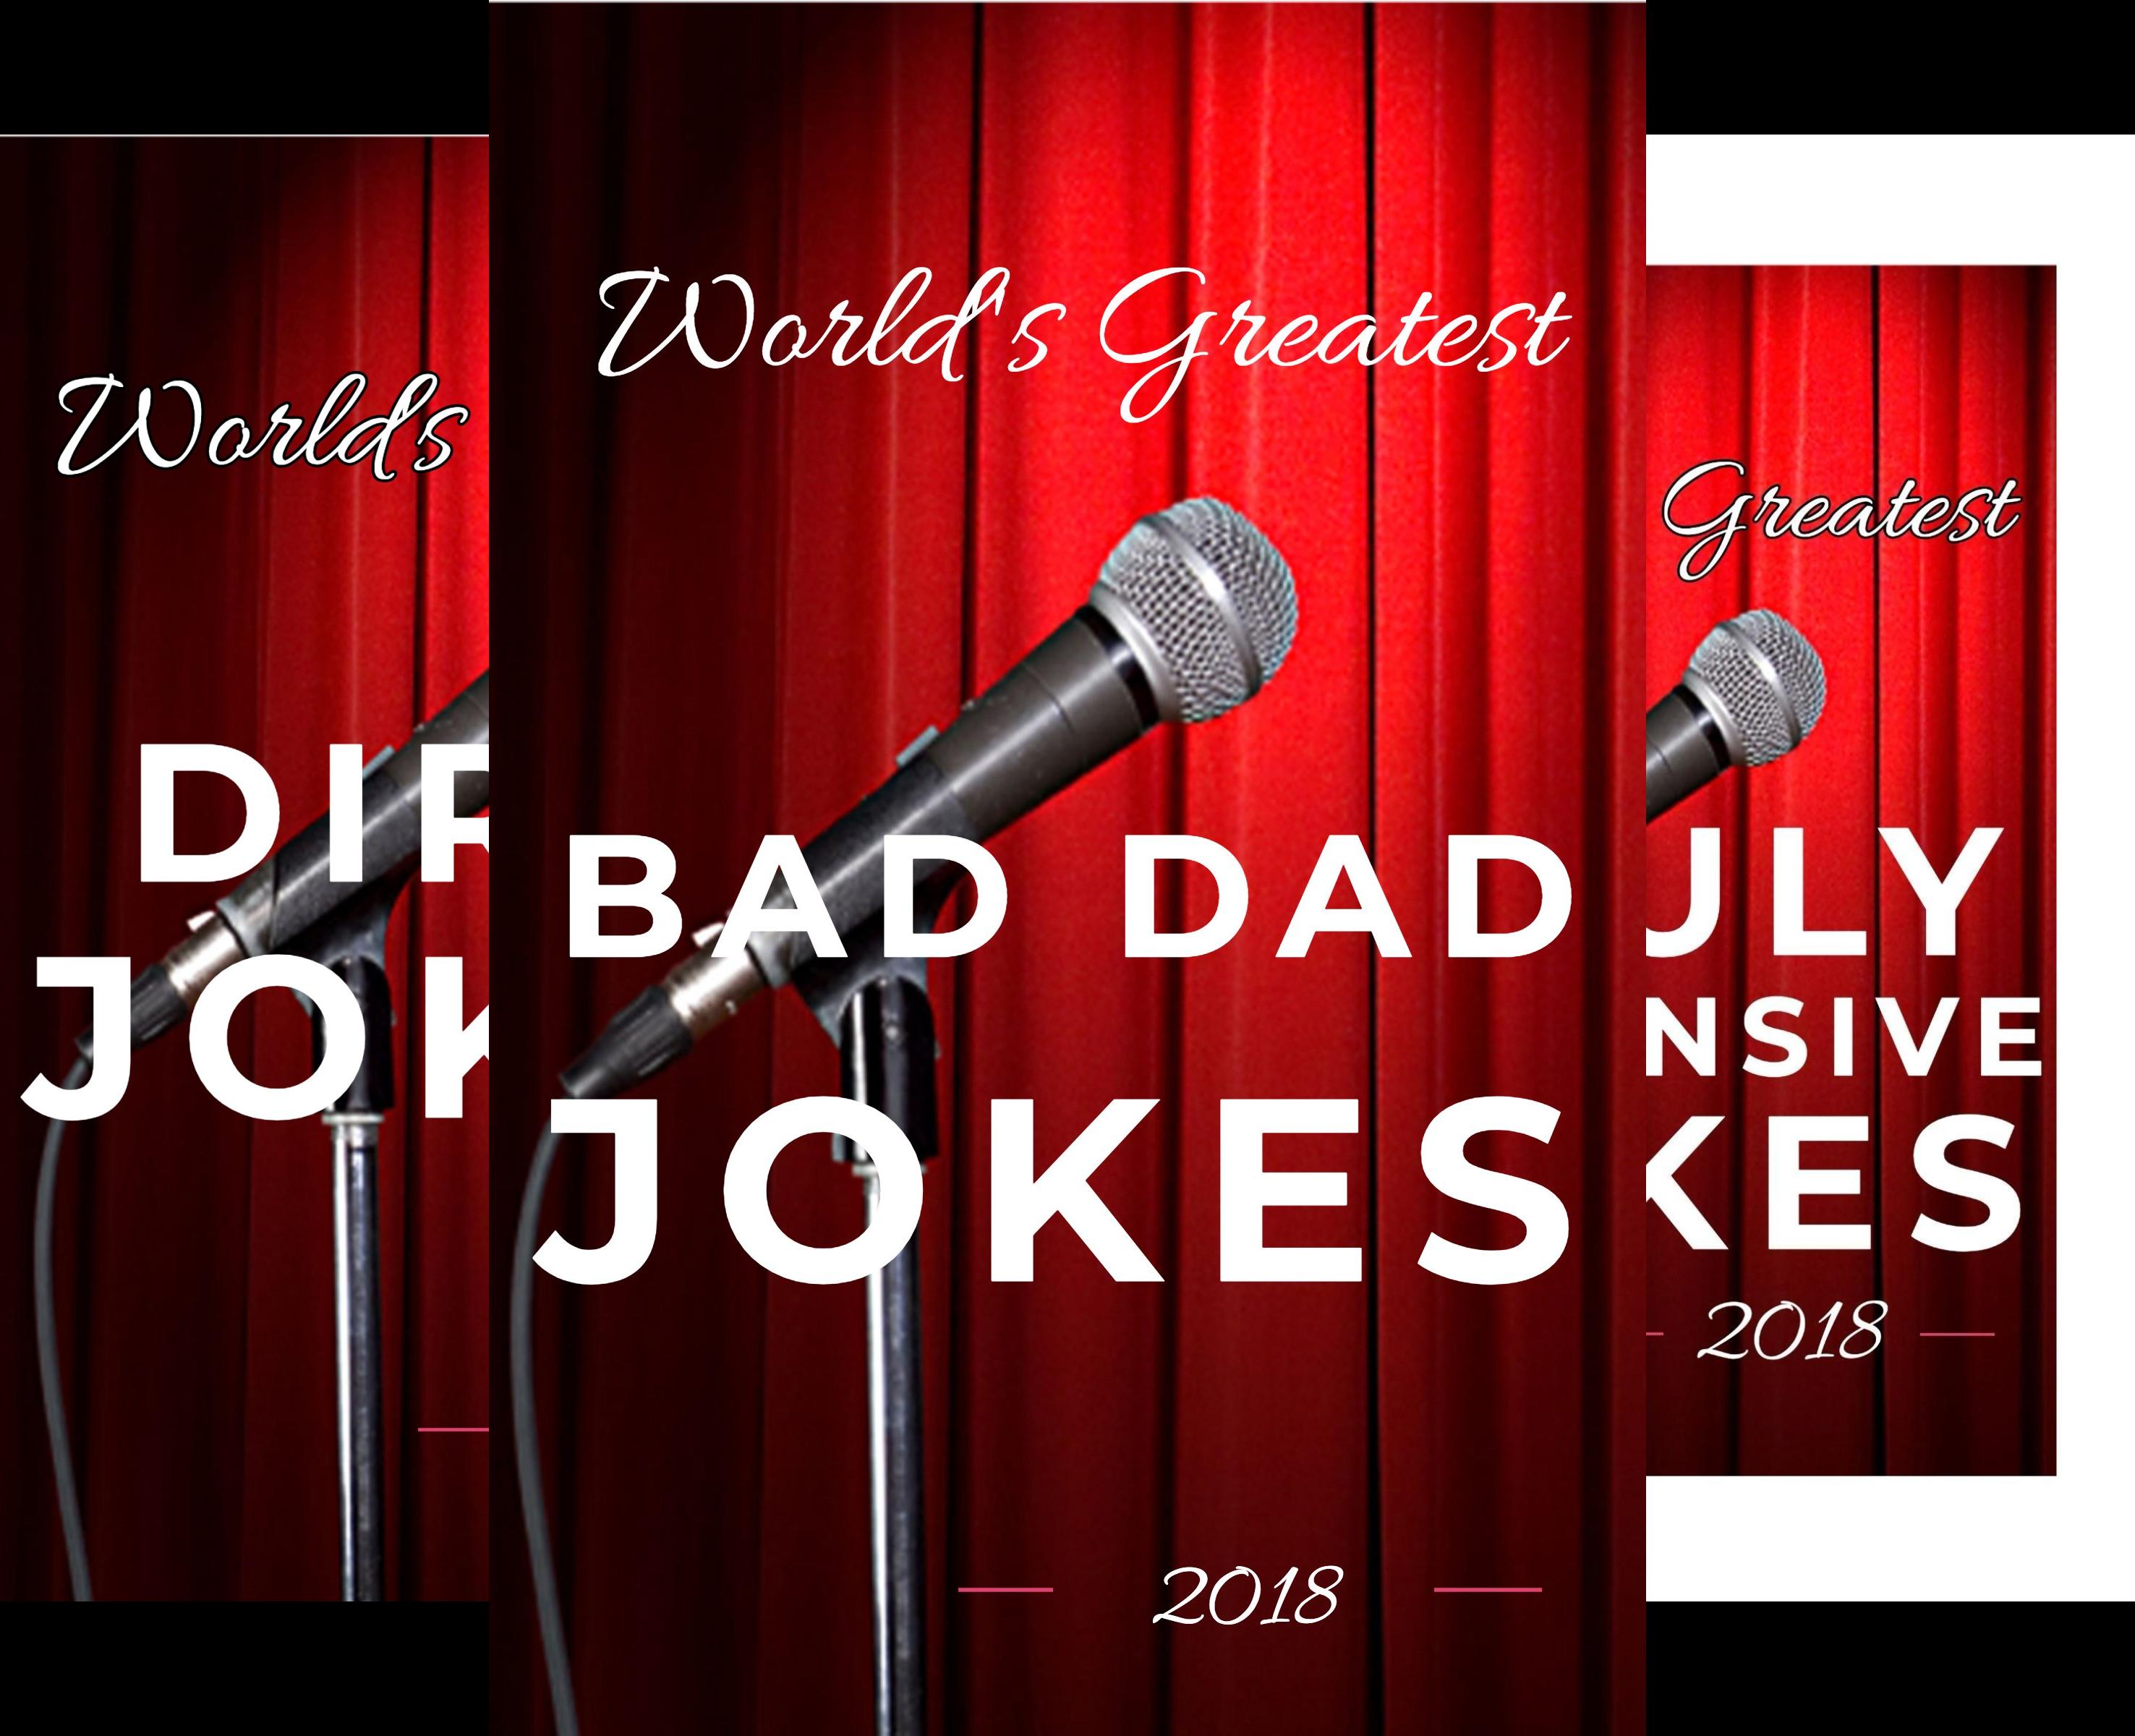 World's Greatest Jokes (3 Book Series)